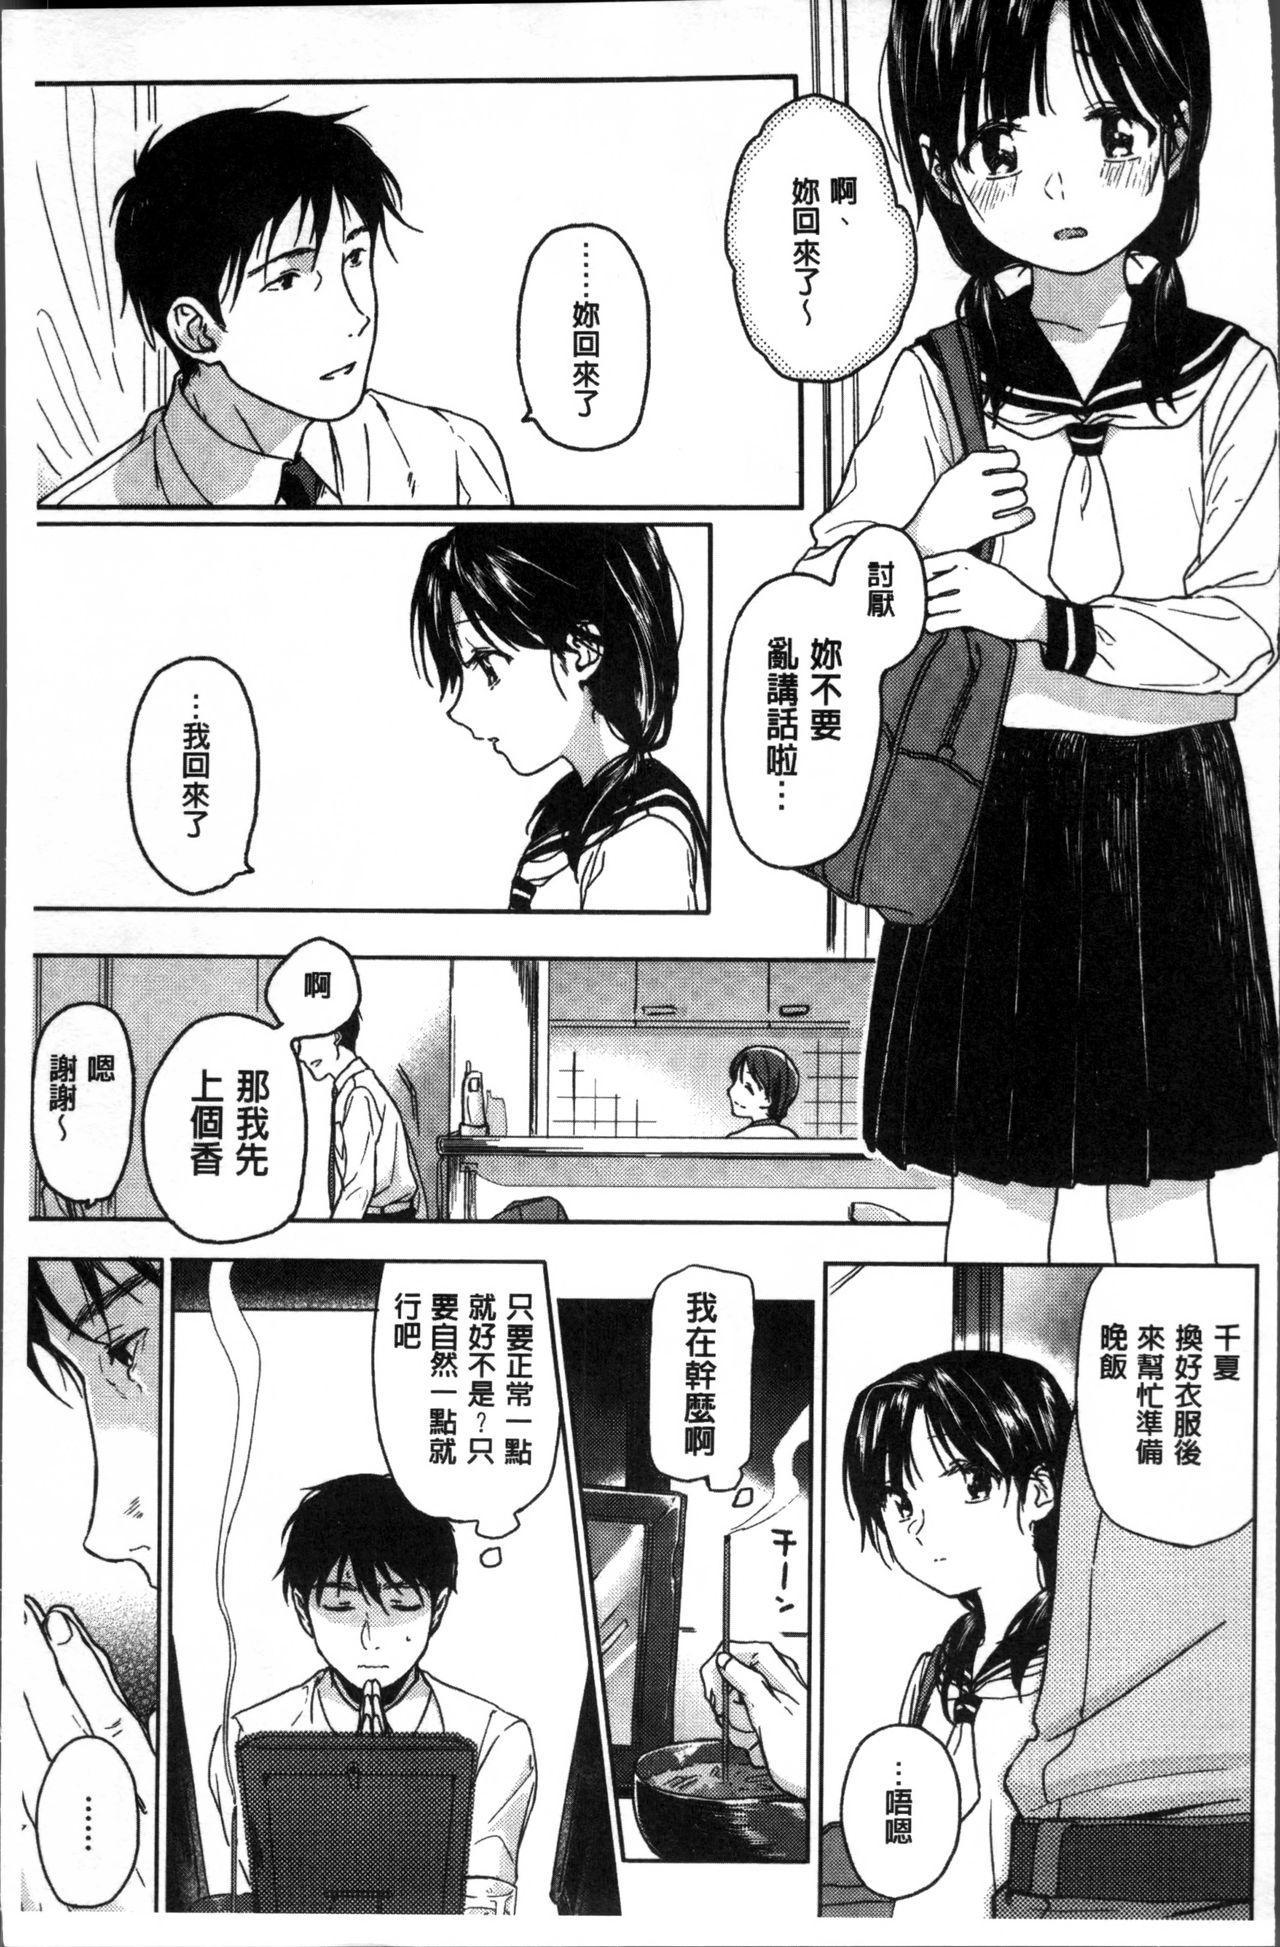 Kanojo no Setsuna 7